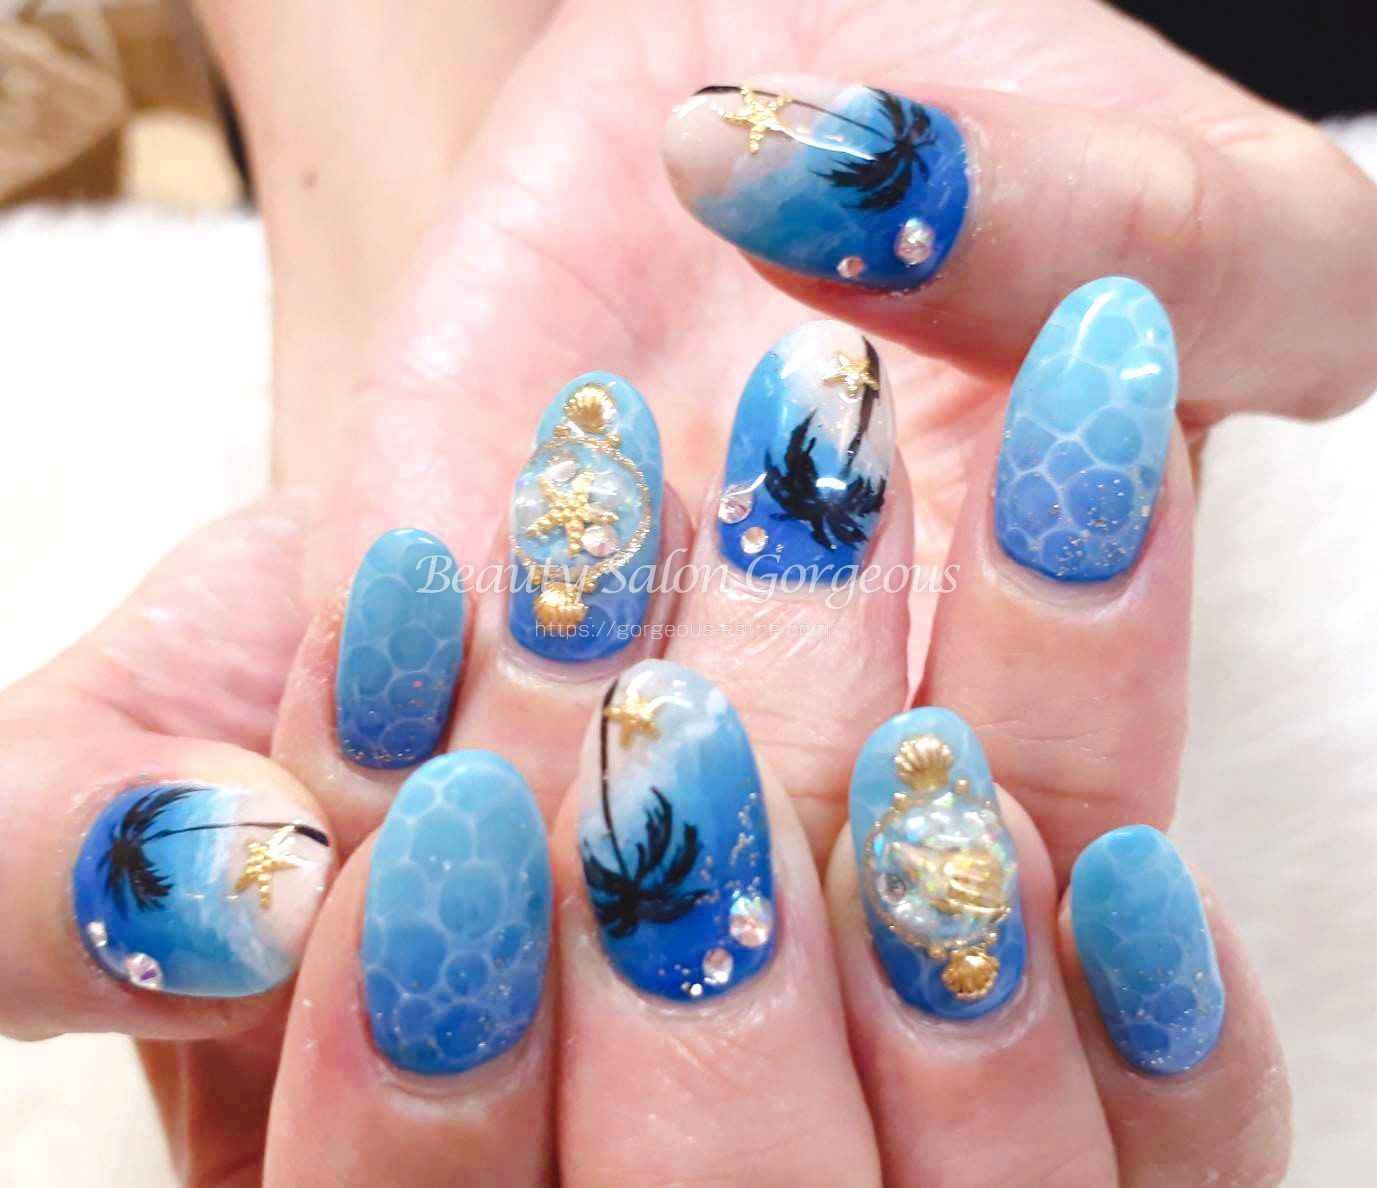 ネイル施術例をアップしました。 | 沖縄や那覇で脱毛・ネイル・マツエグするなら【Beauty Salon Gorgeous】